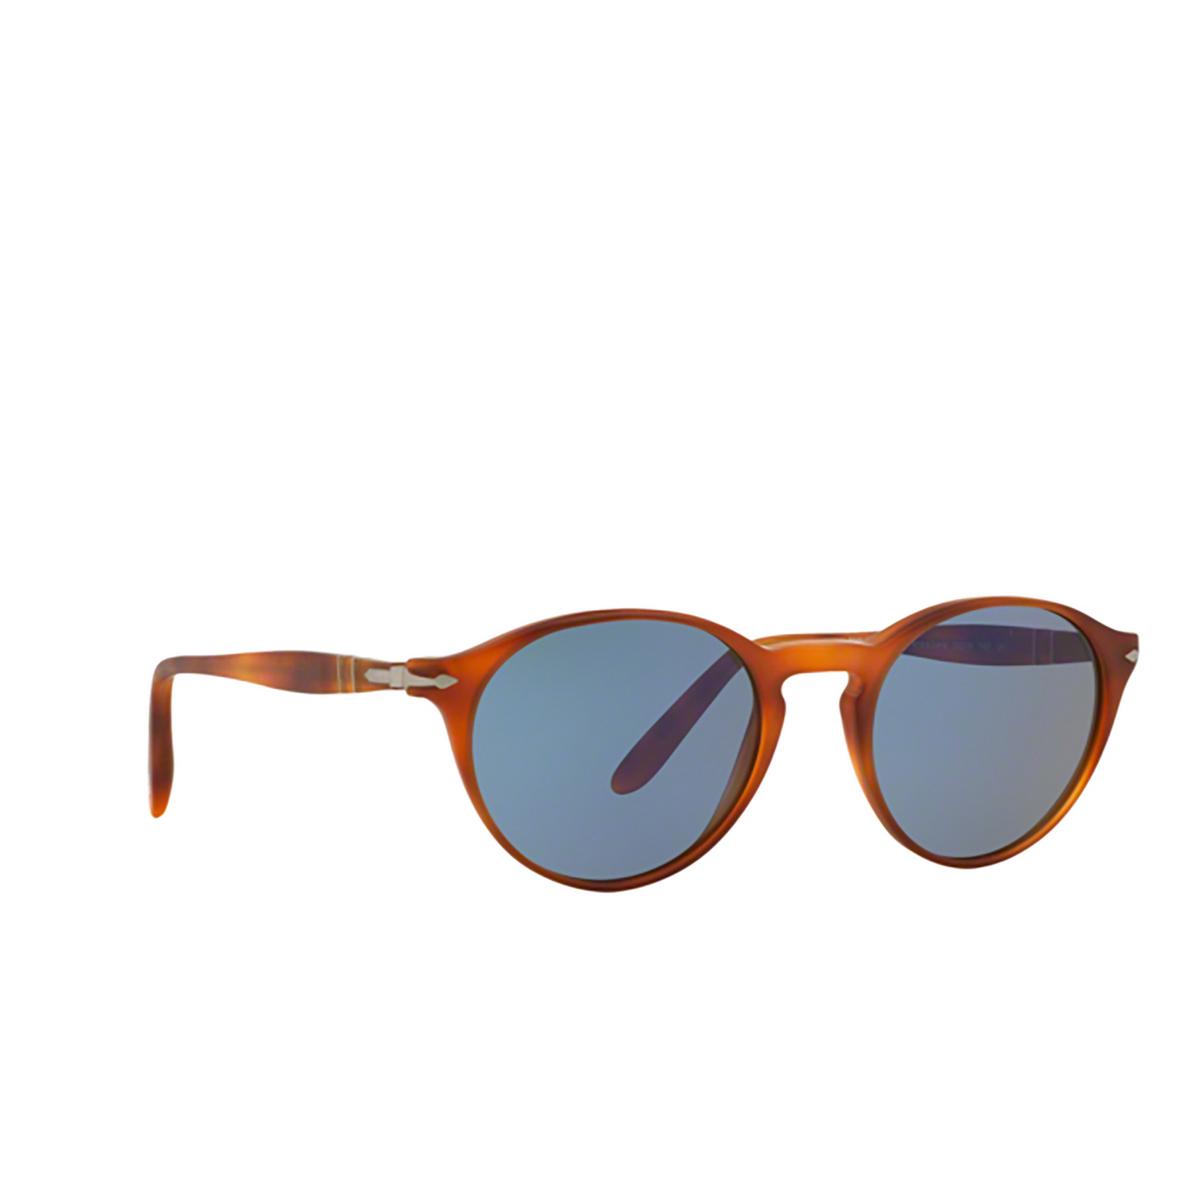 Persol® Round Sunglasses: PO3092SM color Terra Di Siena 900656 - three-quarters view.